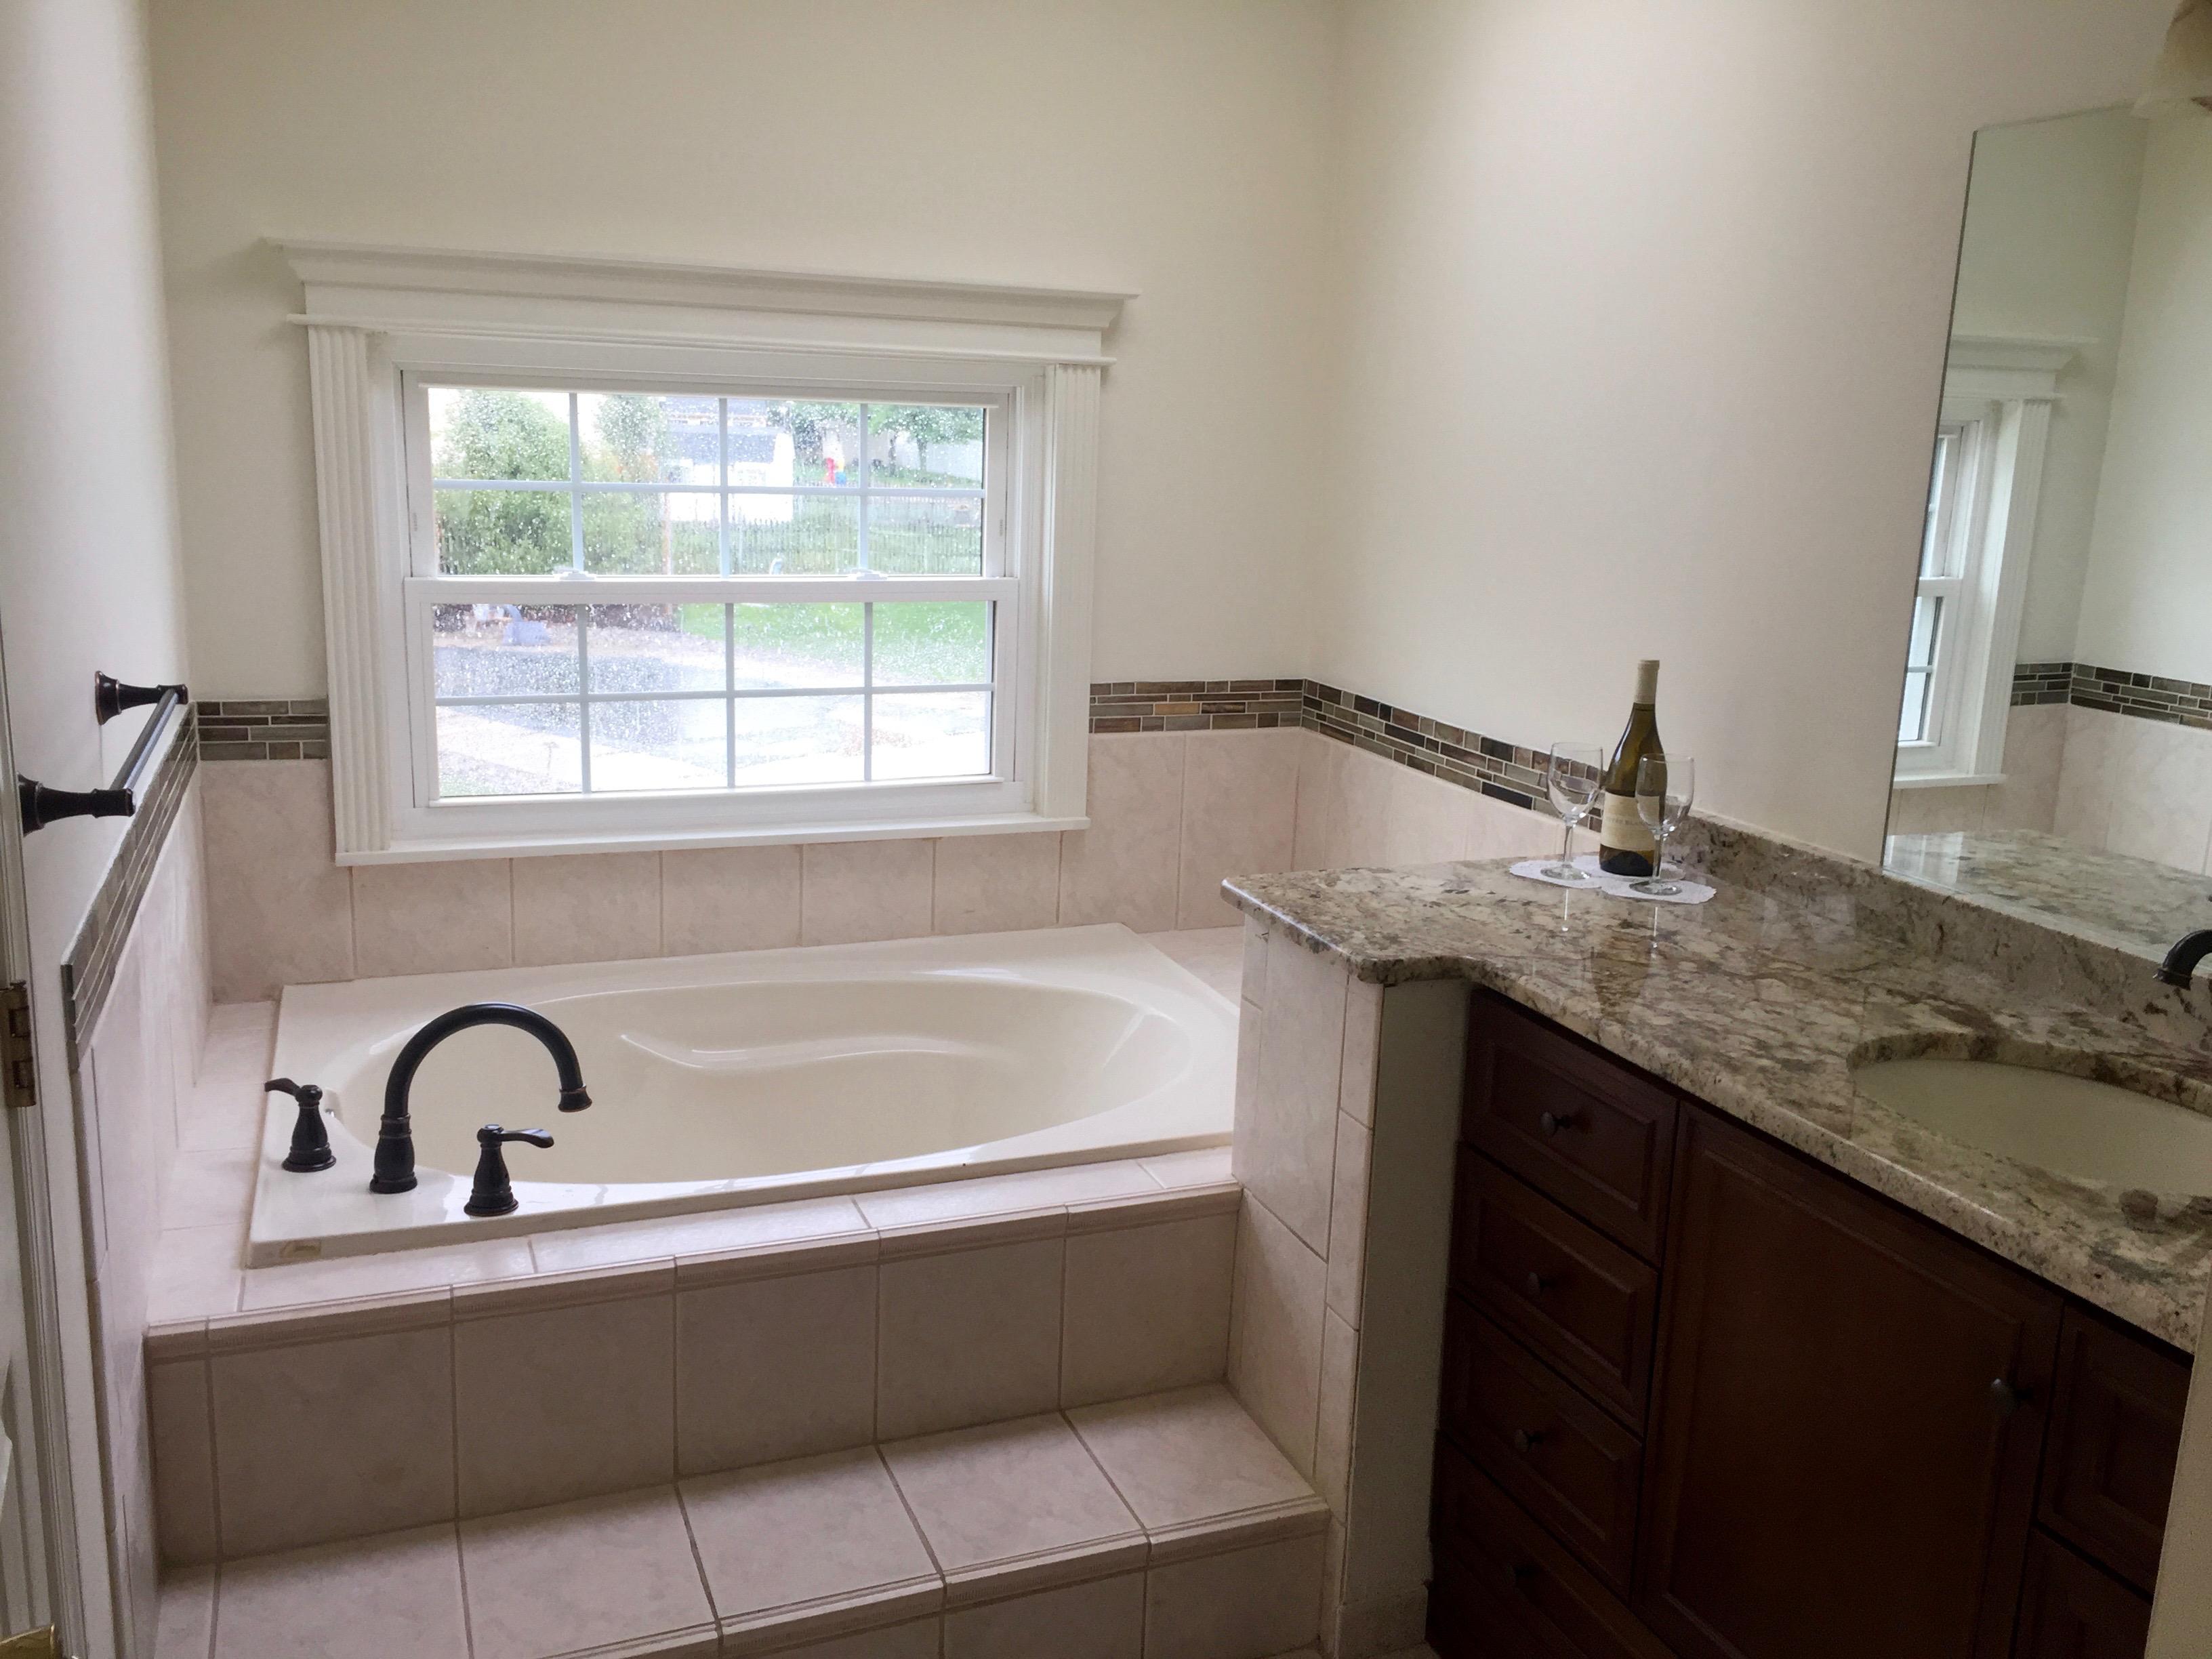 Bathroom Remodeling Voorhees Nj a-master builders | bathroom remodeling, a-master builders